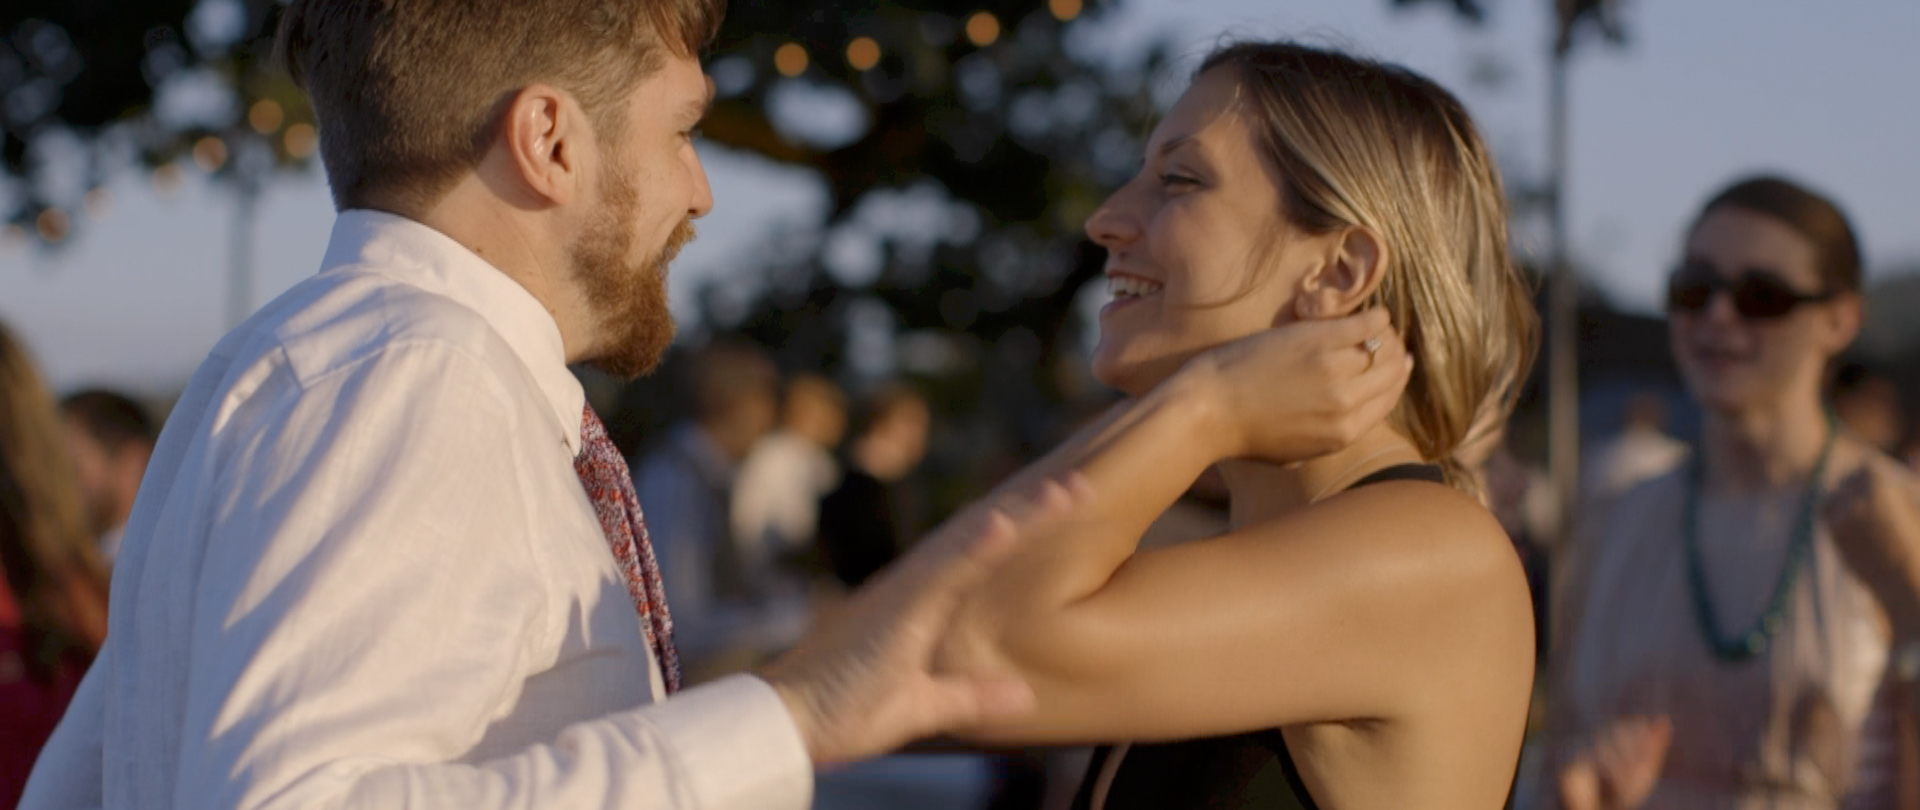 Lisa and Taylor-Oregon Wedding Video -11.jpg